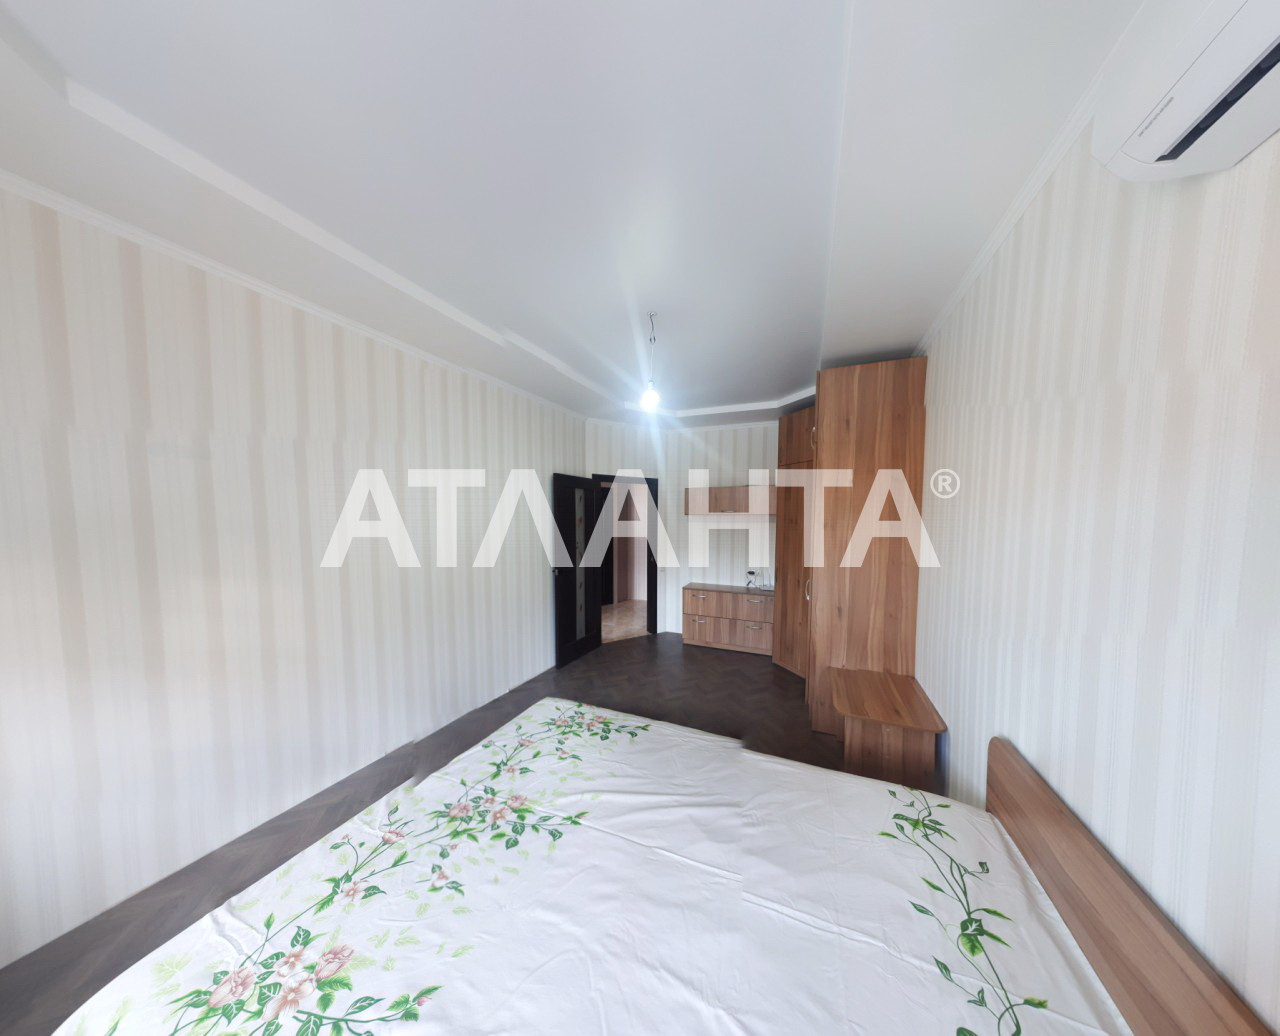 Продается 1-комнатная Квартира на ул. Ул. Вильямса — 60 000 у.е. (фото №9)